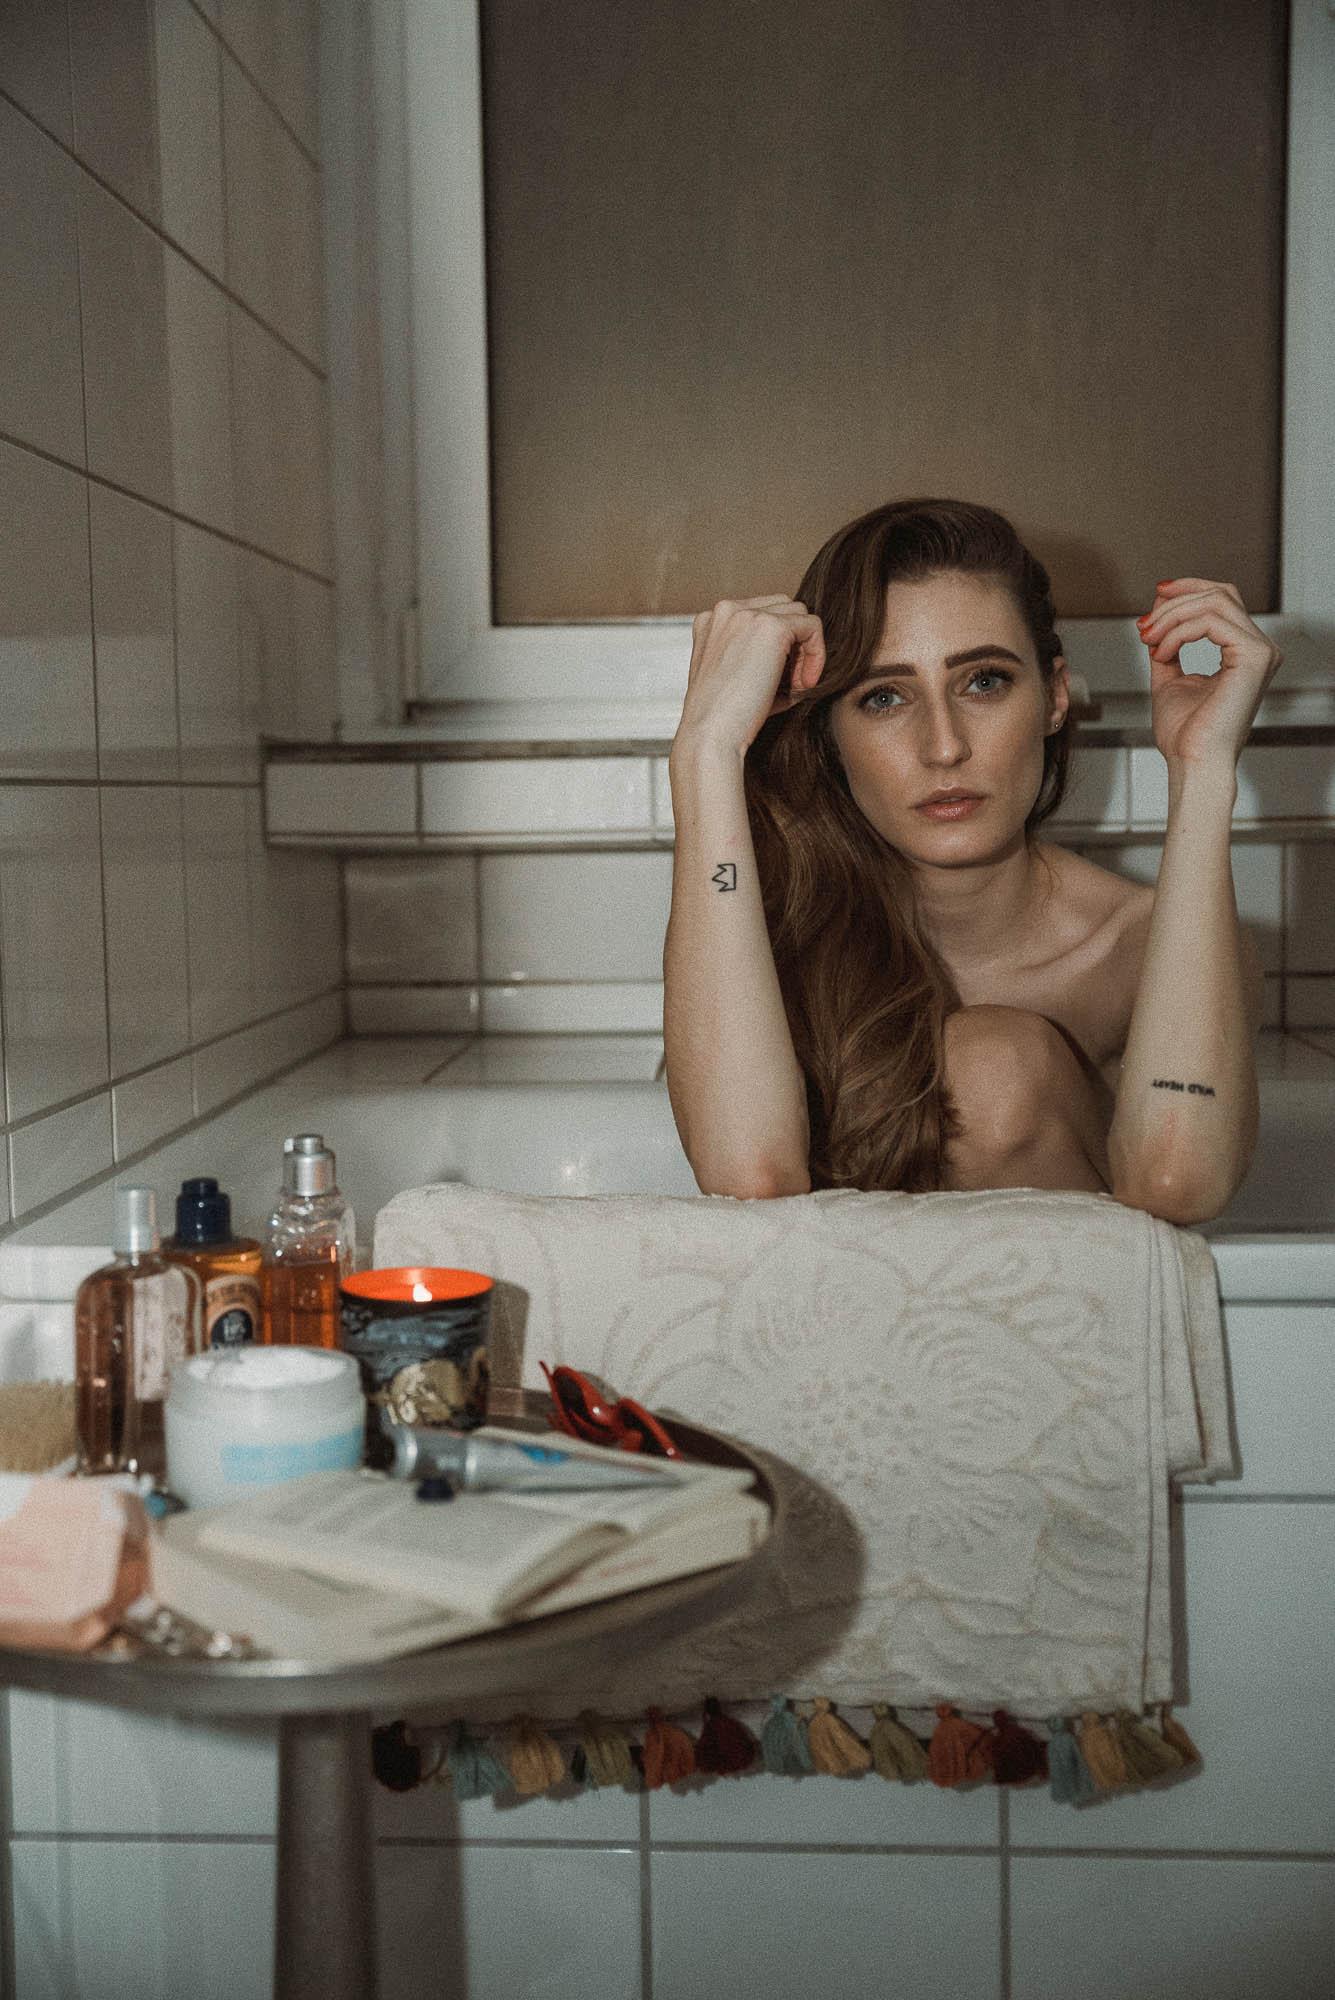 L'Occitane Time to Unwind | Lisa Fiege